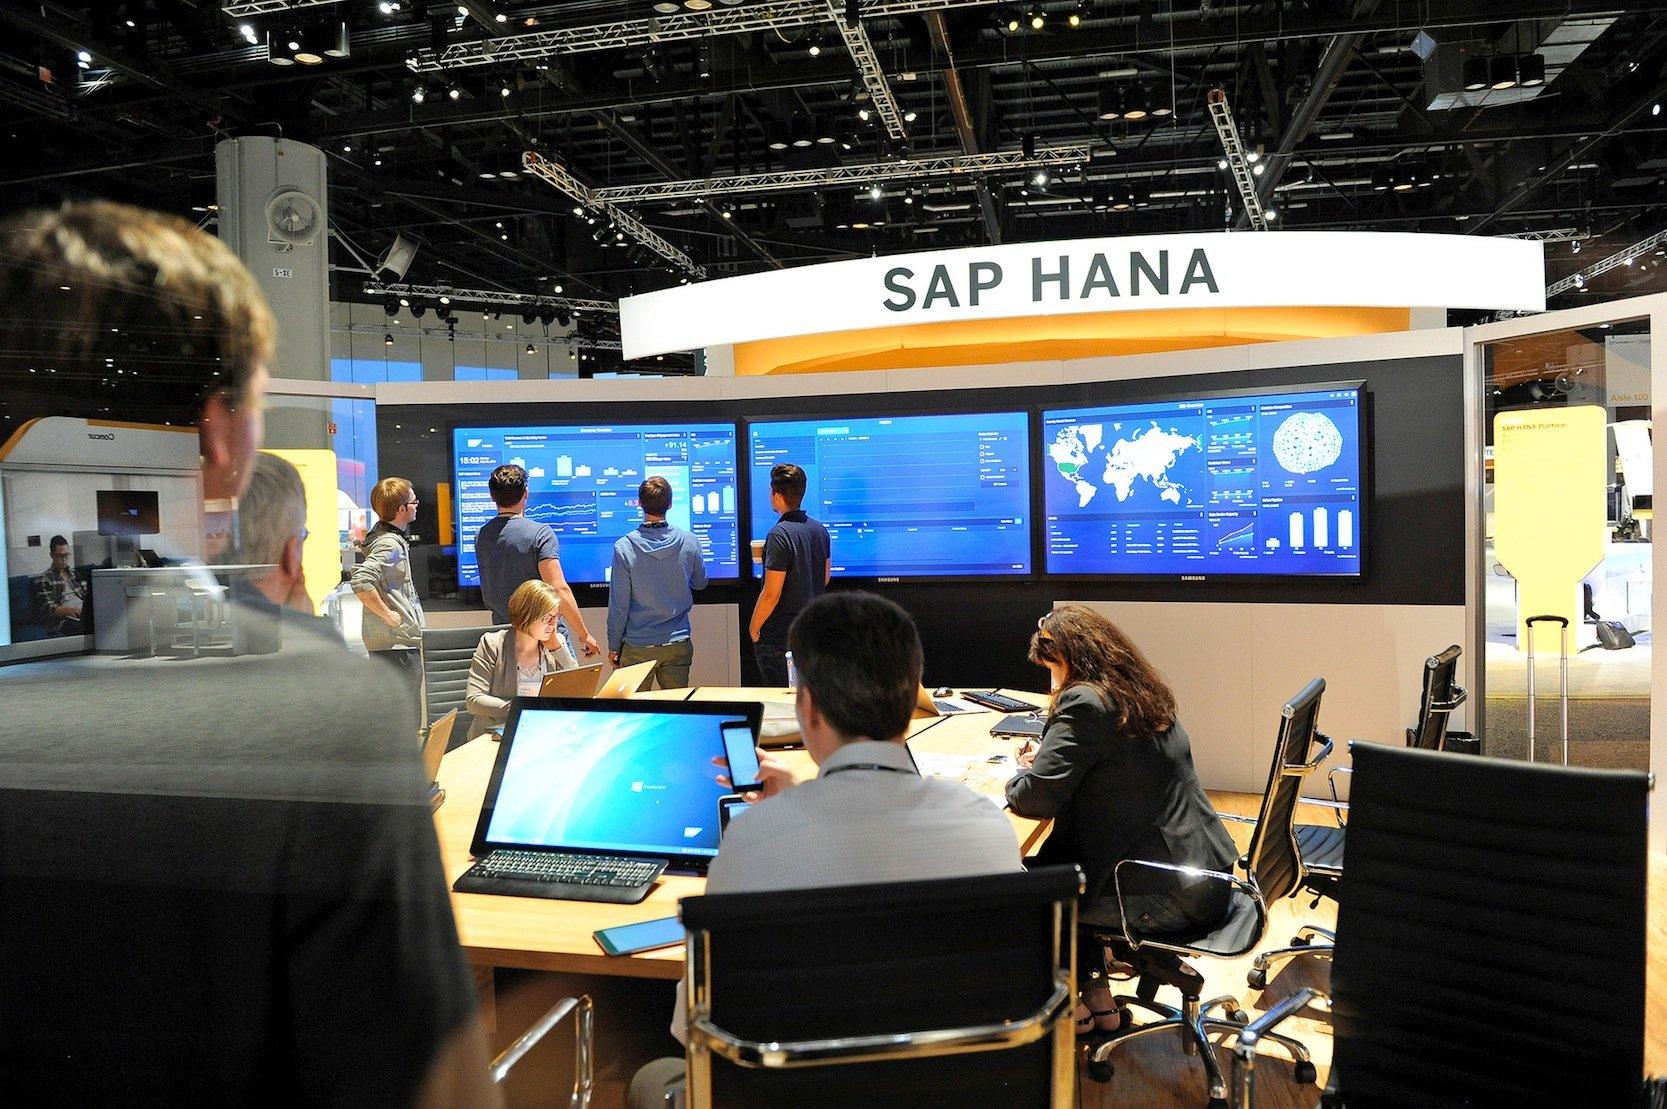 Informatiker von SAP: Auf Grundlage der SAP Hana Cloud Plattform sollen jetzt leistungsfähige native Apps programmiert werden, um SAP-Software auf iOS-Geräten nutzen zu können.